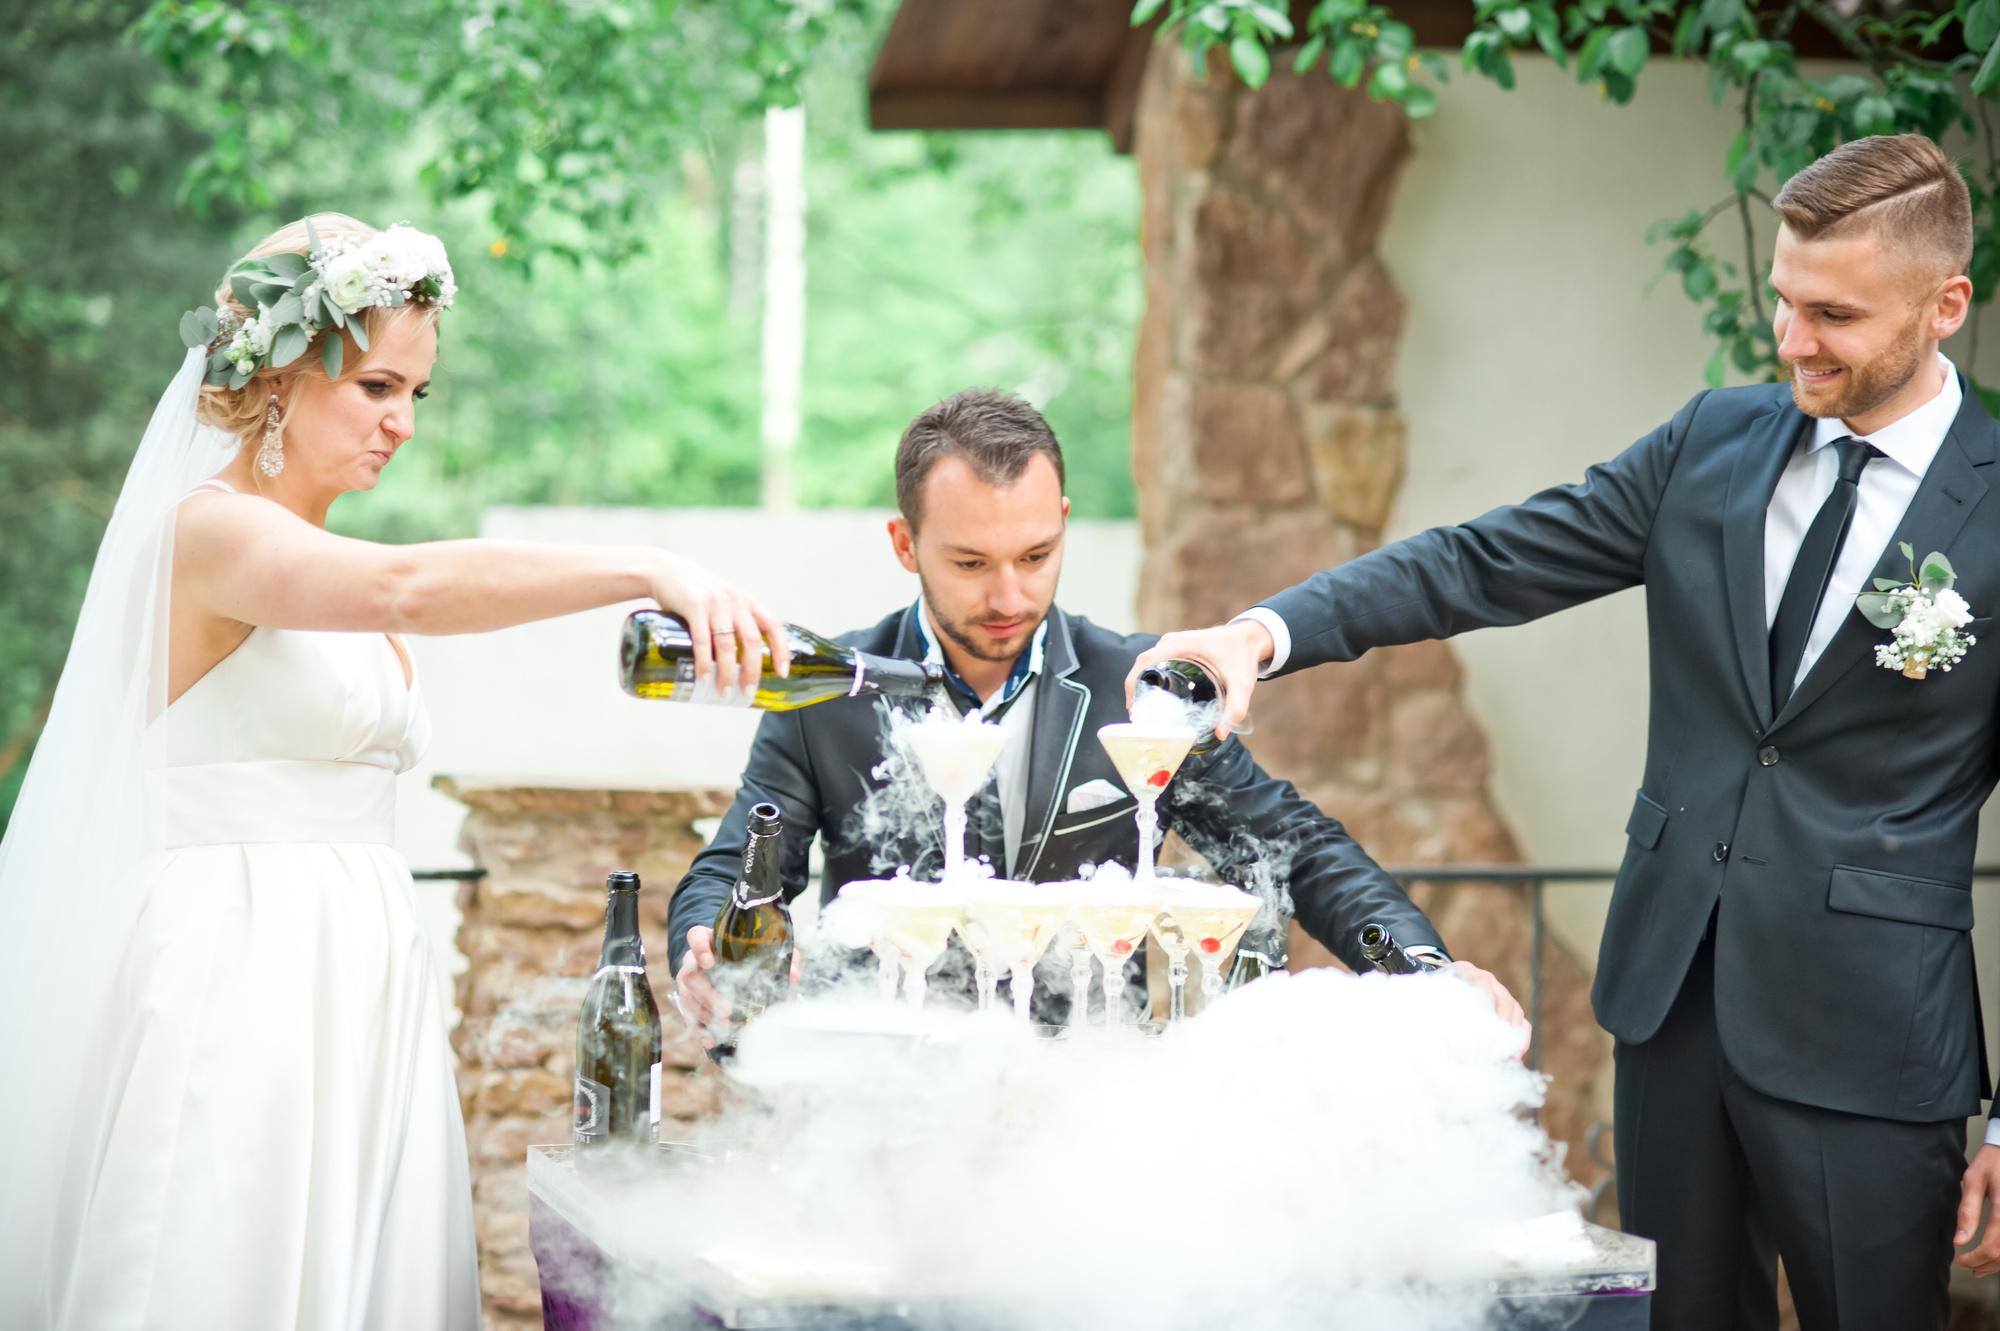 Ира & Кирилл свадьба